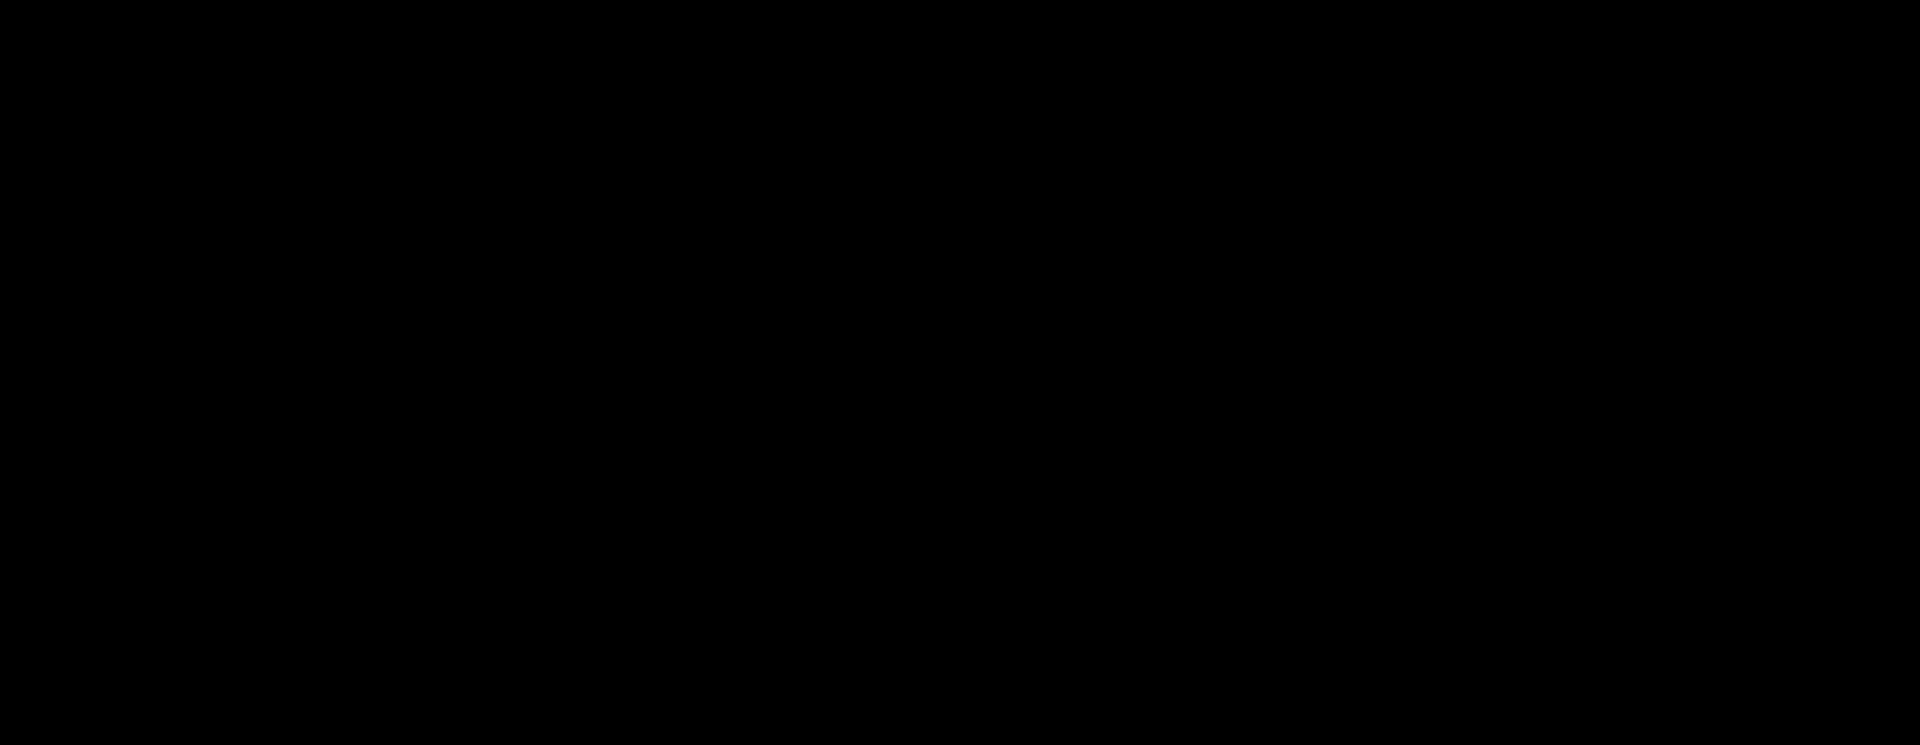 株式会社サイバネット